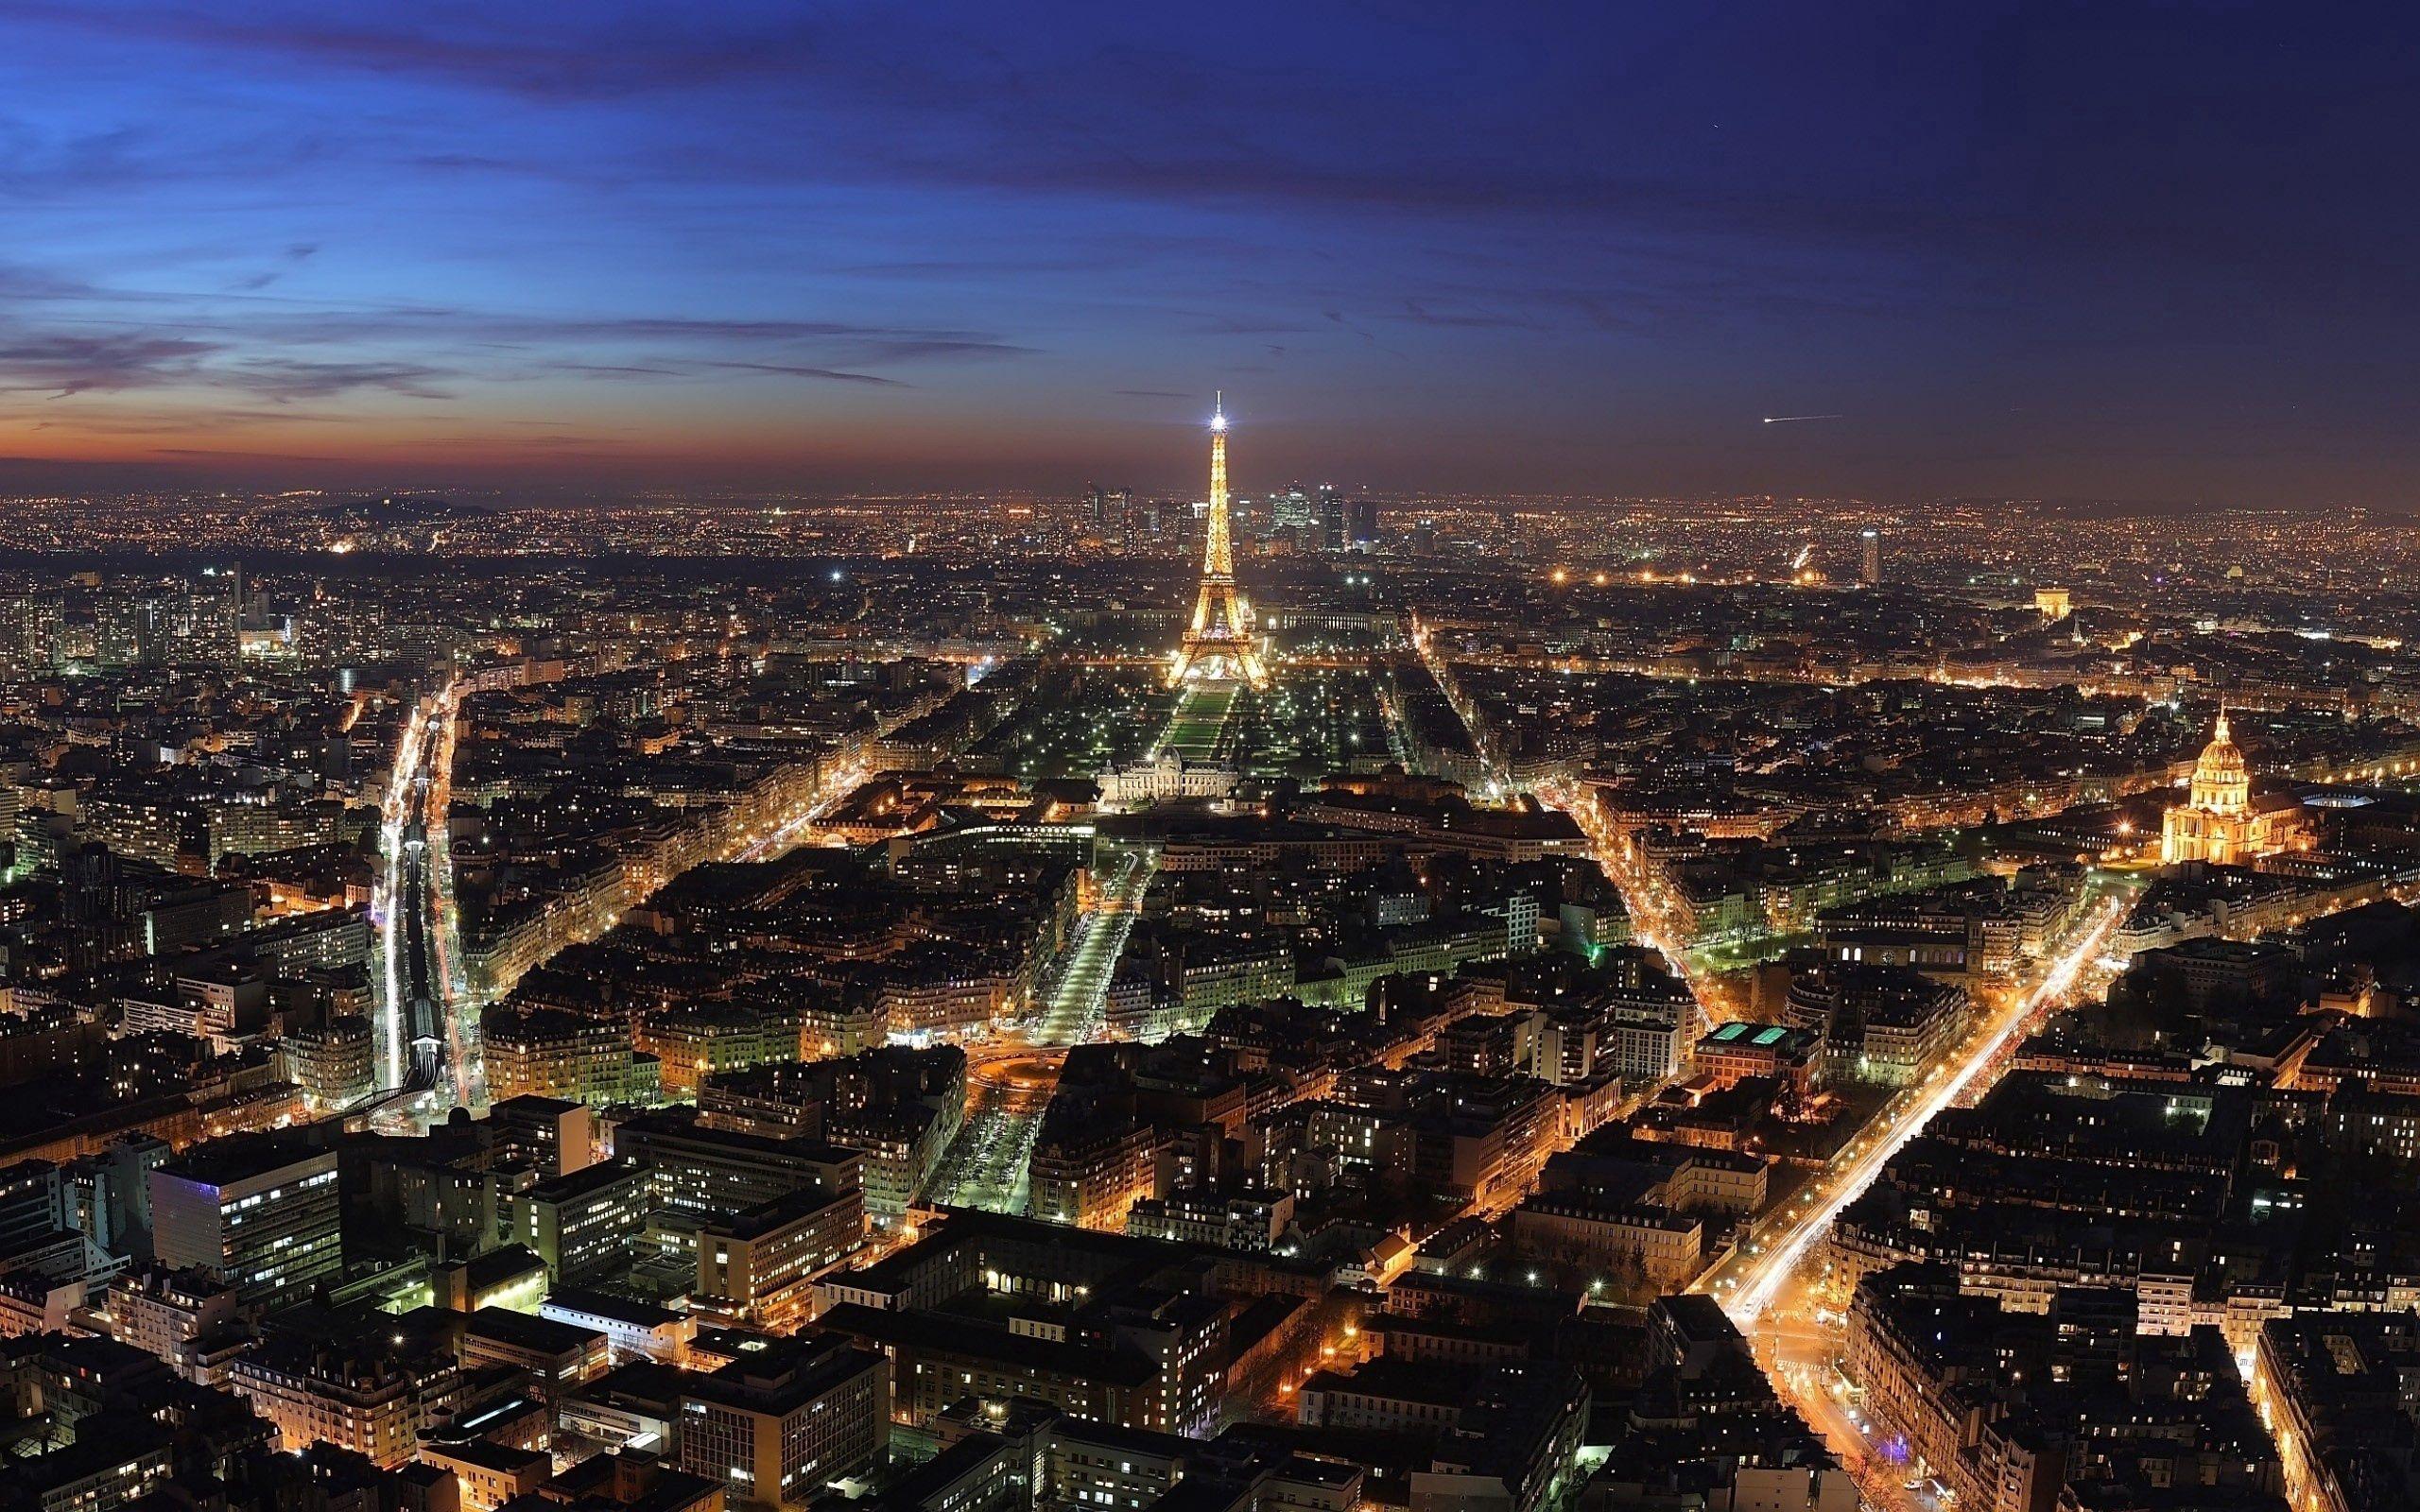 75995壁紙のダウンロードタワー, 塔, 都市, パリ-スクリーンセーバーと写真を無料で